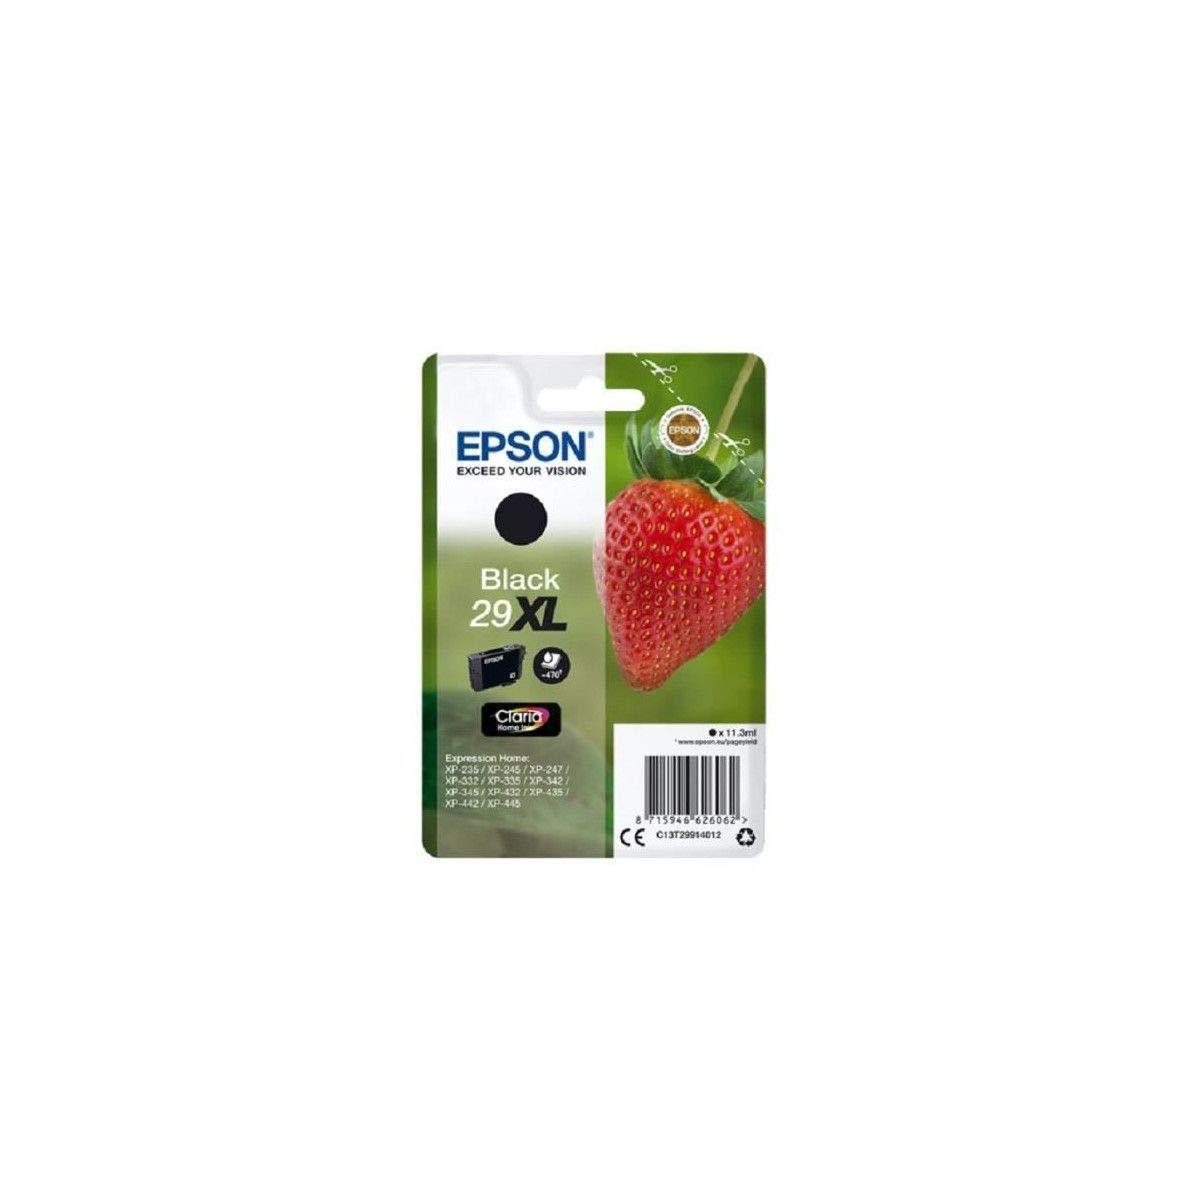 Epson C13T18114022 - Cartucho de tinta: Amazon.es: Electrónica